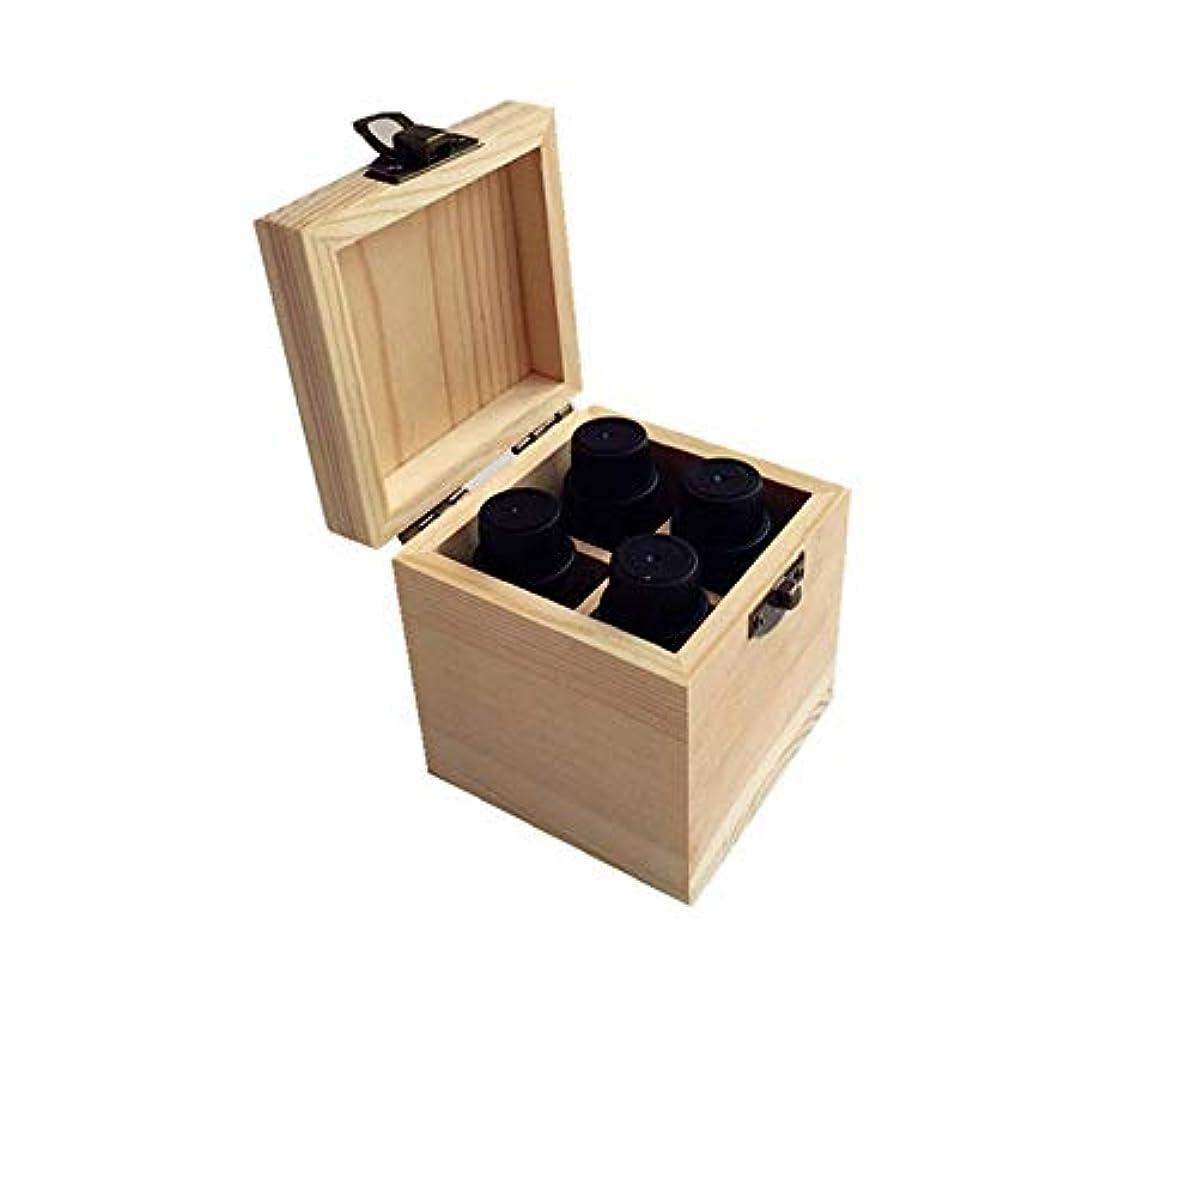 髄早い見えないエッセンシャルオイルの保管 4スロットの品質の木製エッセンシャルオイルストレージボックス (色 : Natural, サイズ : 8X8X9CM)